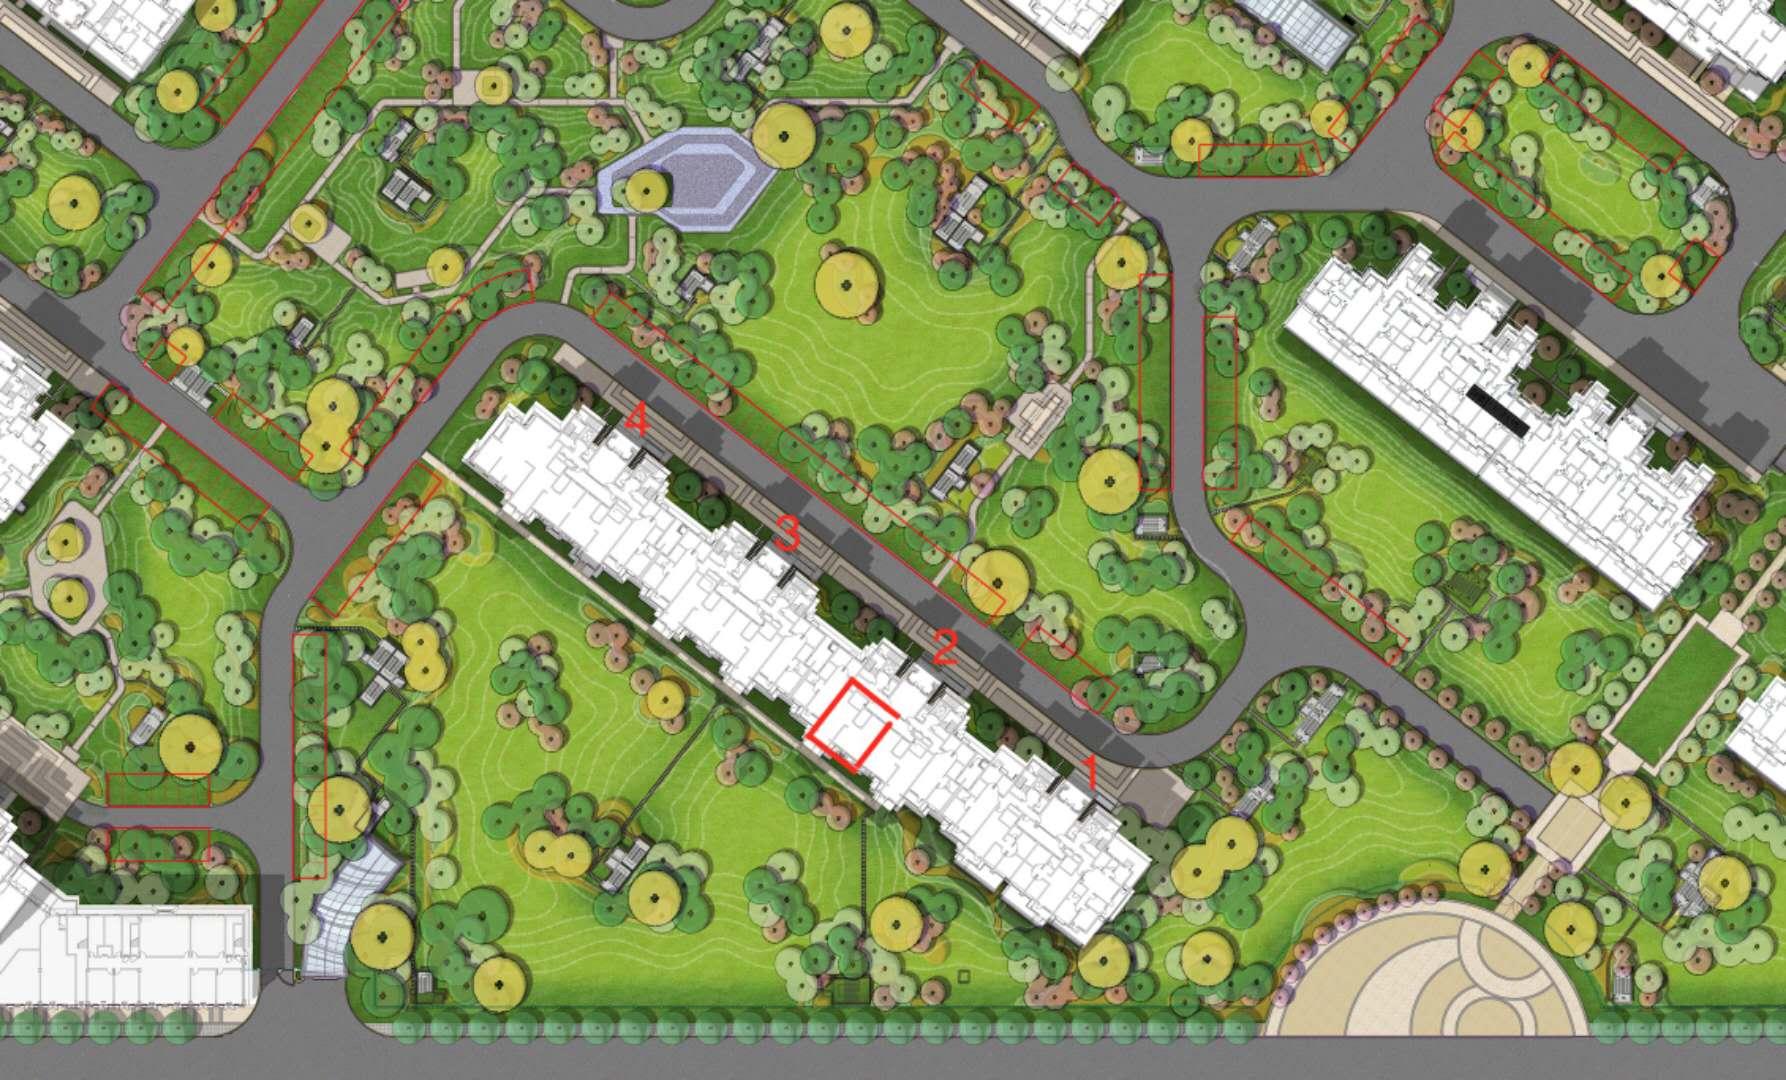 融创维多利亚湾被指虚假宣传,说好的绿地变停车位,融创:是前任万达干的